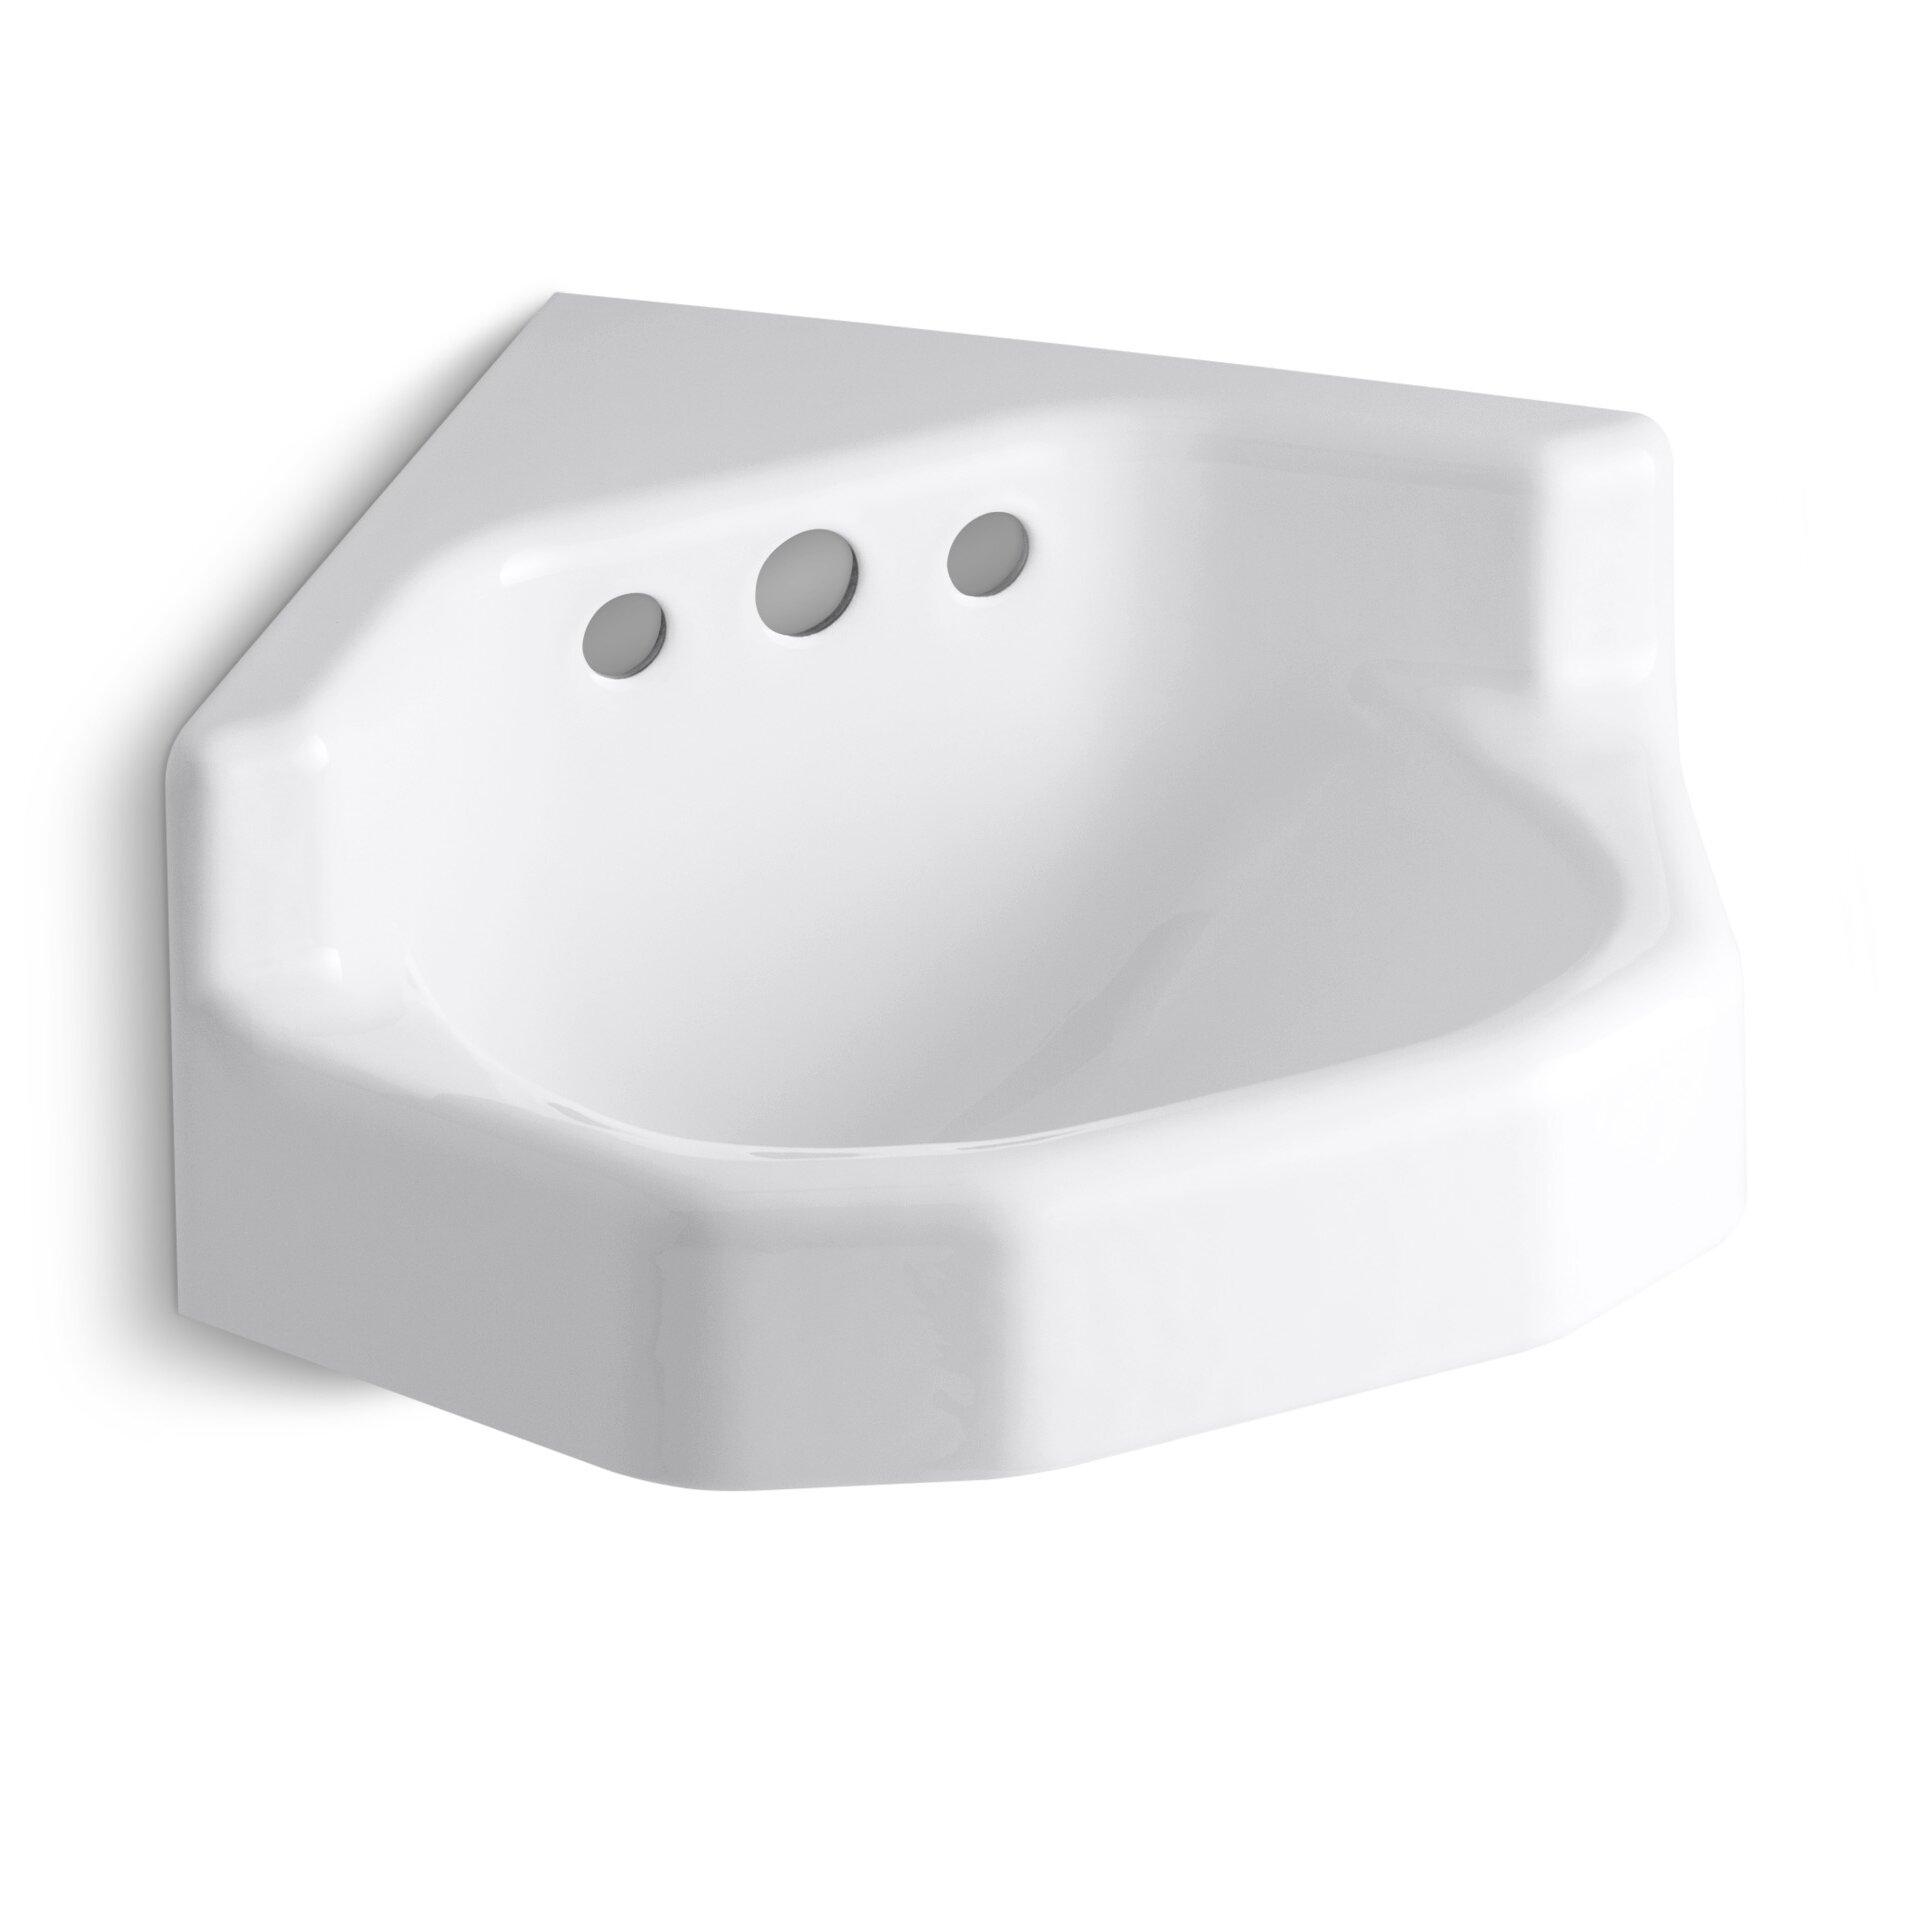 Kohler Corner Toilet : Kohler Marston 16